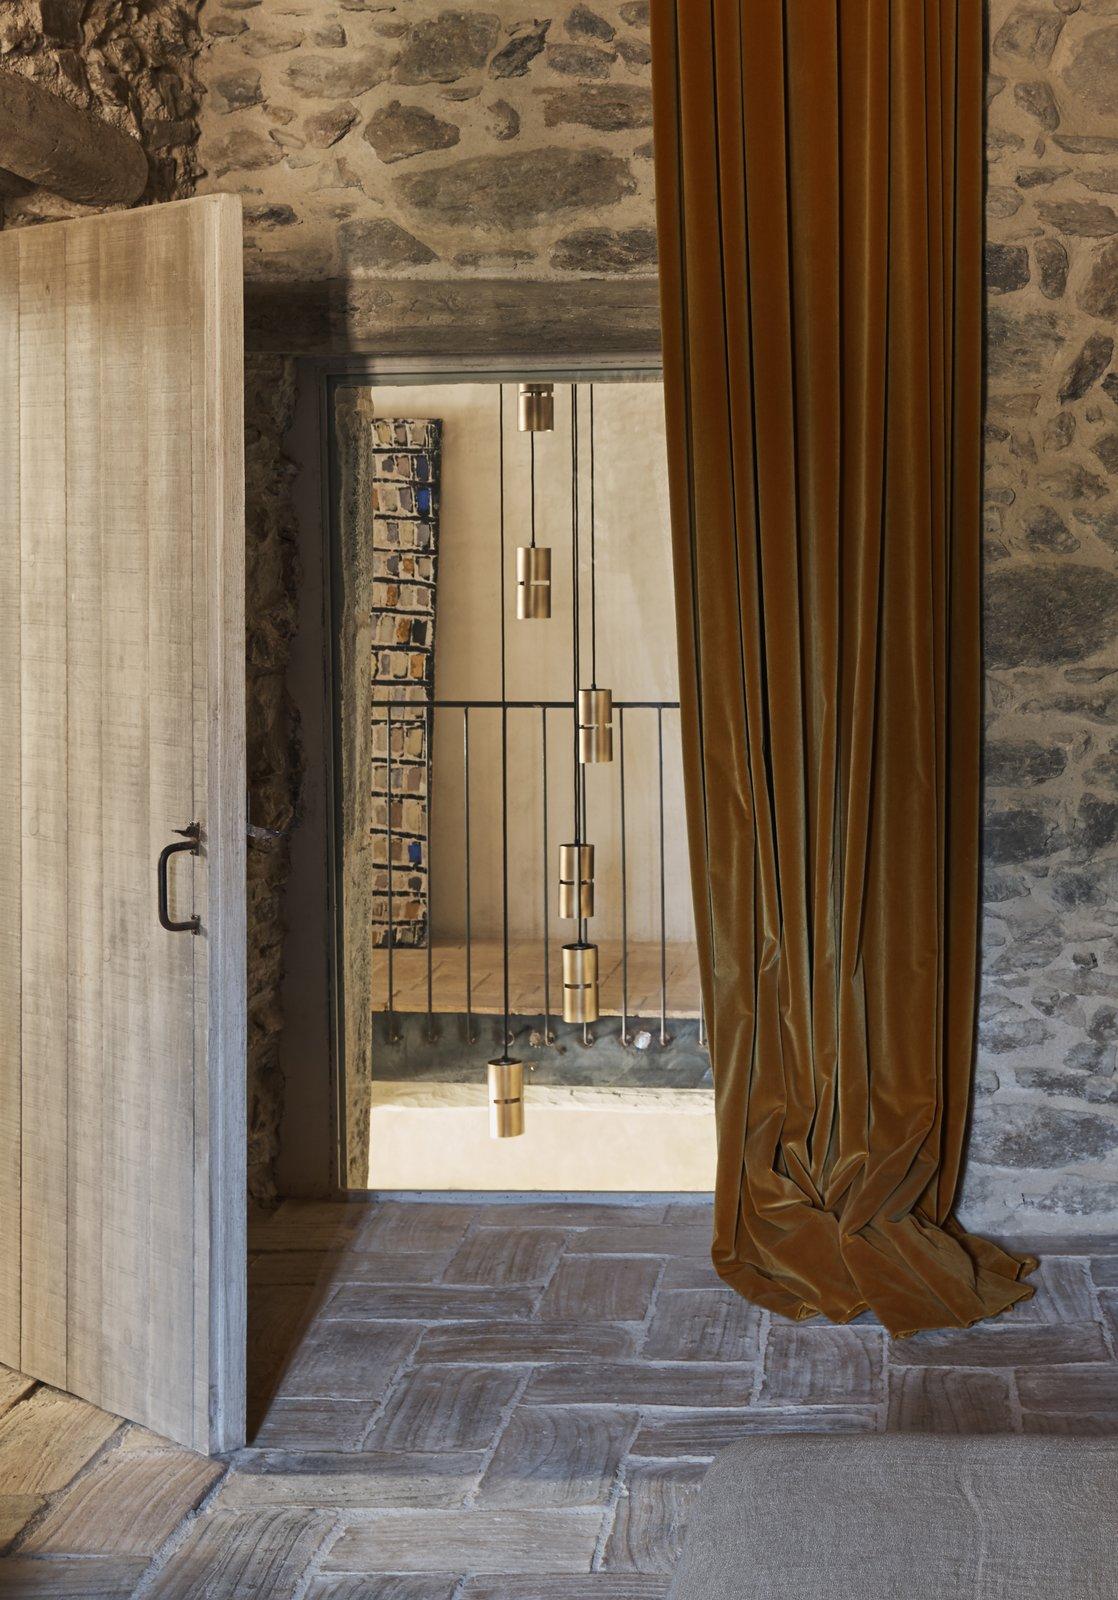 Catalan Farmhouse window with velvet curtains